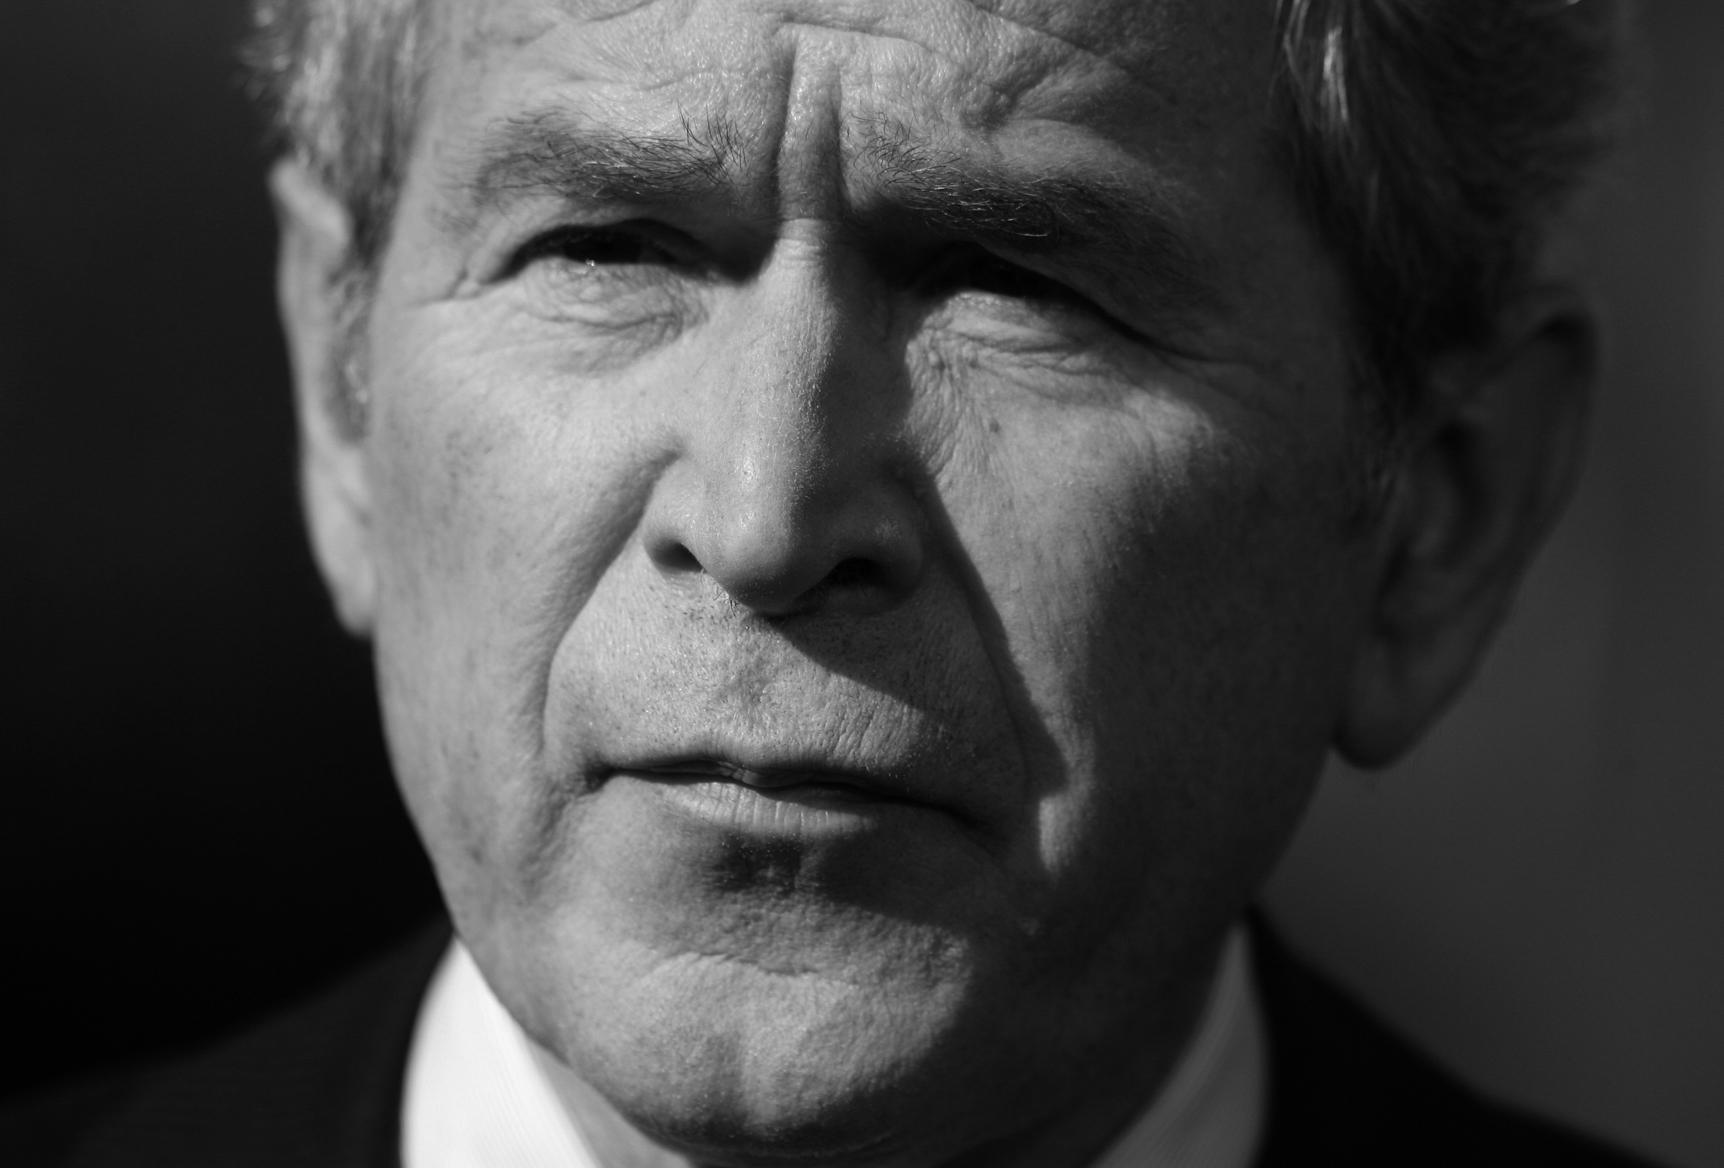 """Attēlu rezultāti vaicājumam """"george bush black and white"""""""